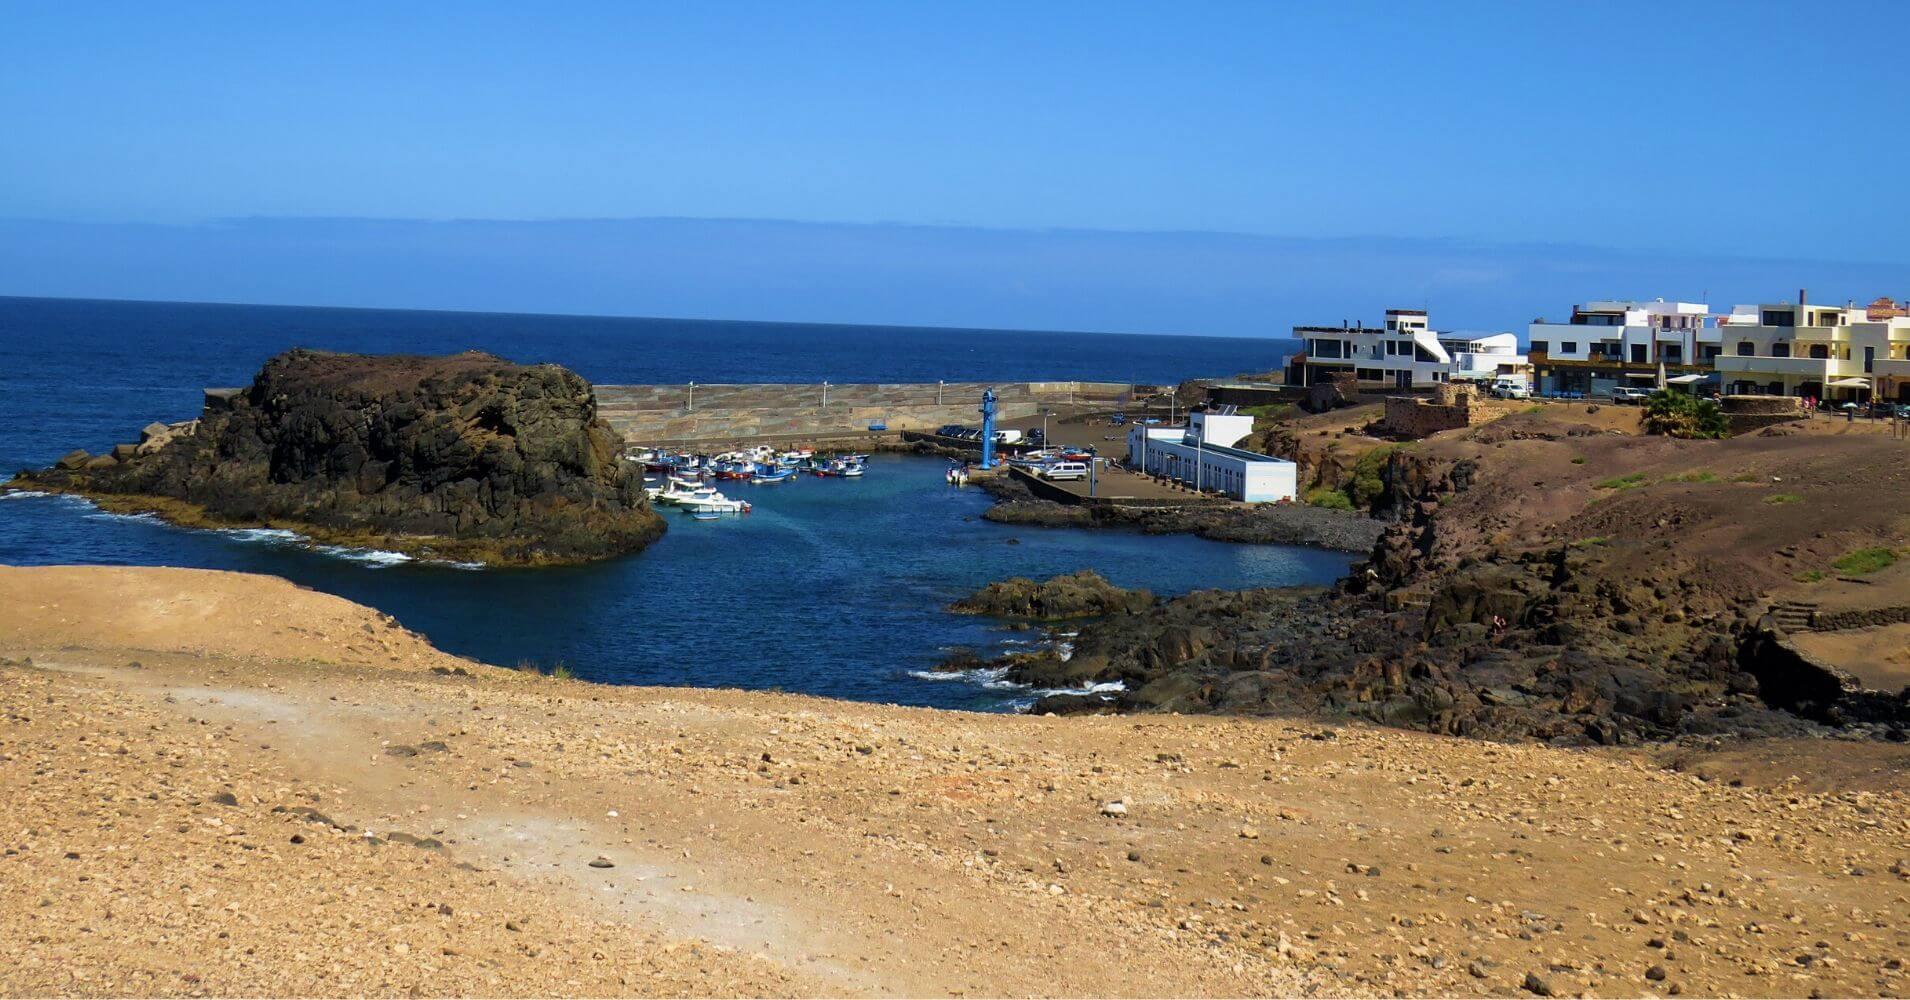 El Cotillo. Isla de Fuerteventura. Islas Canarias.